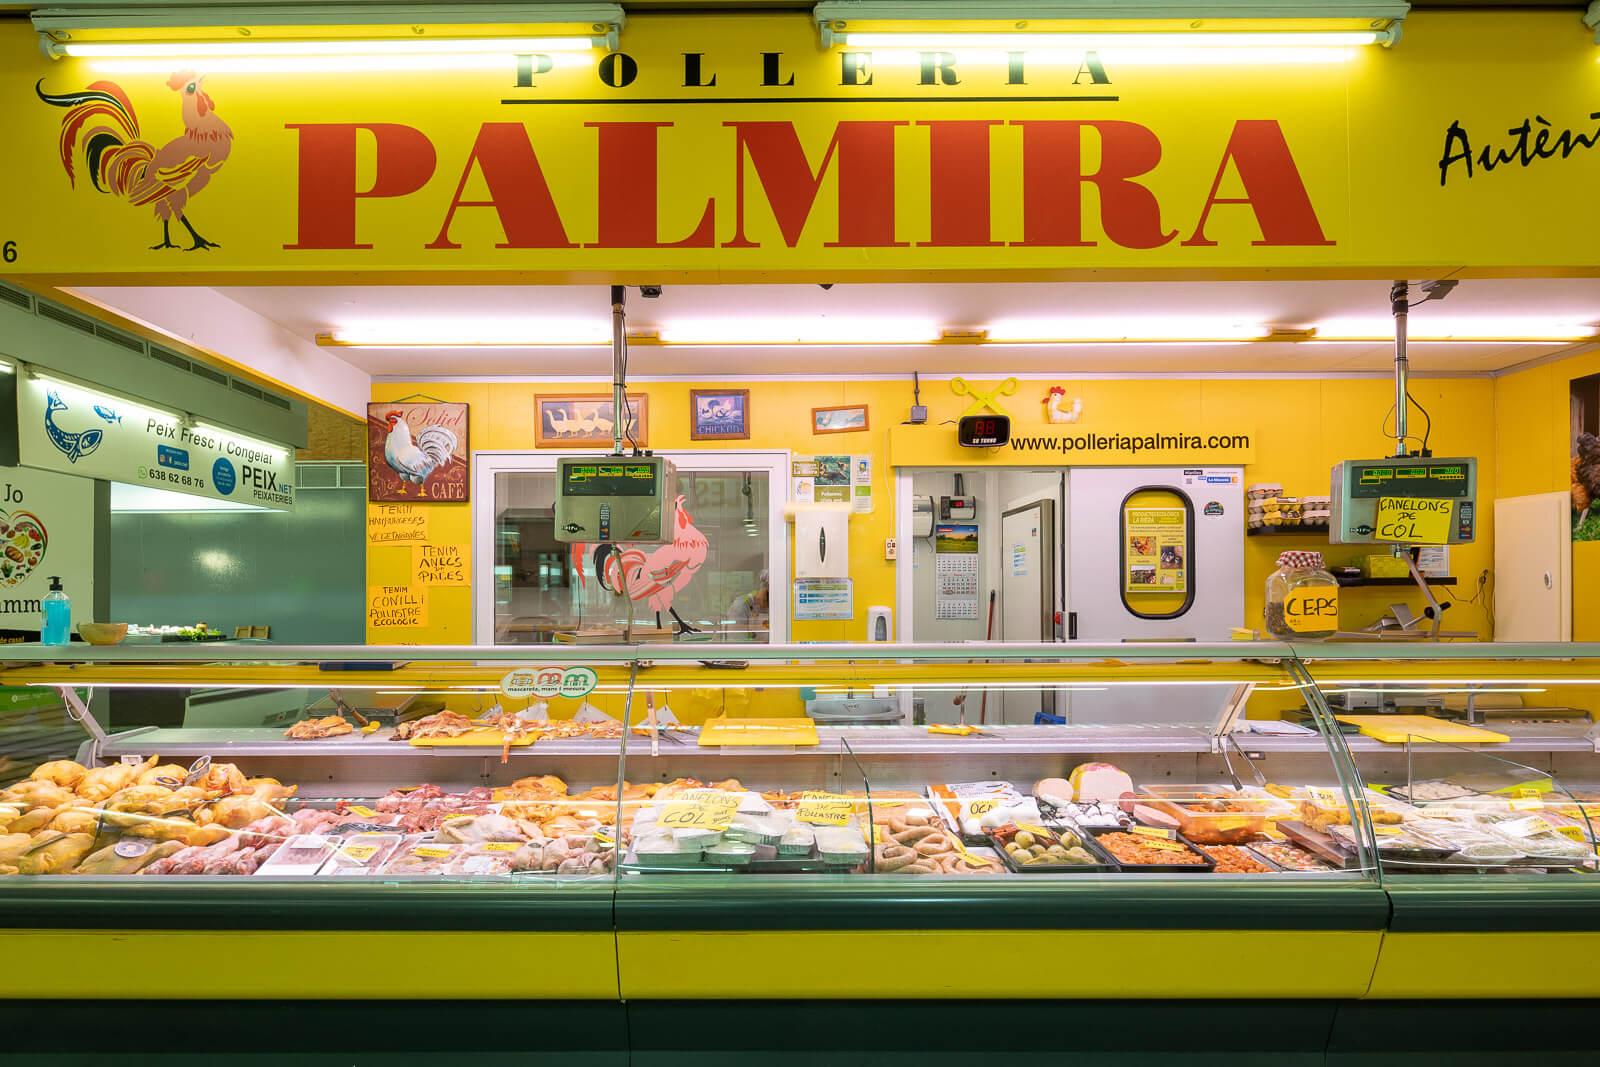 Polleria Palmira